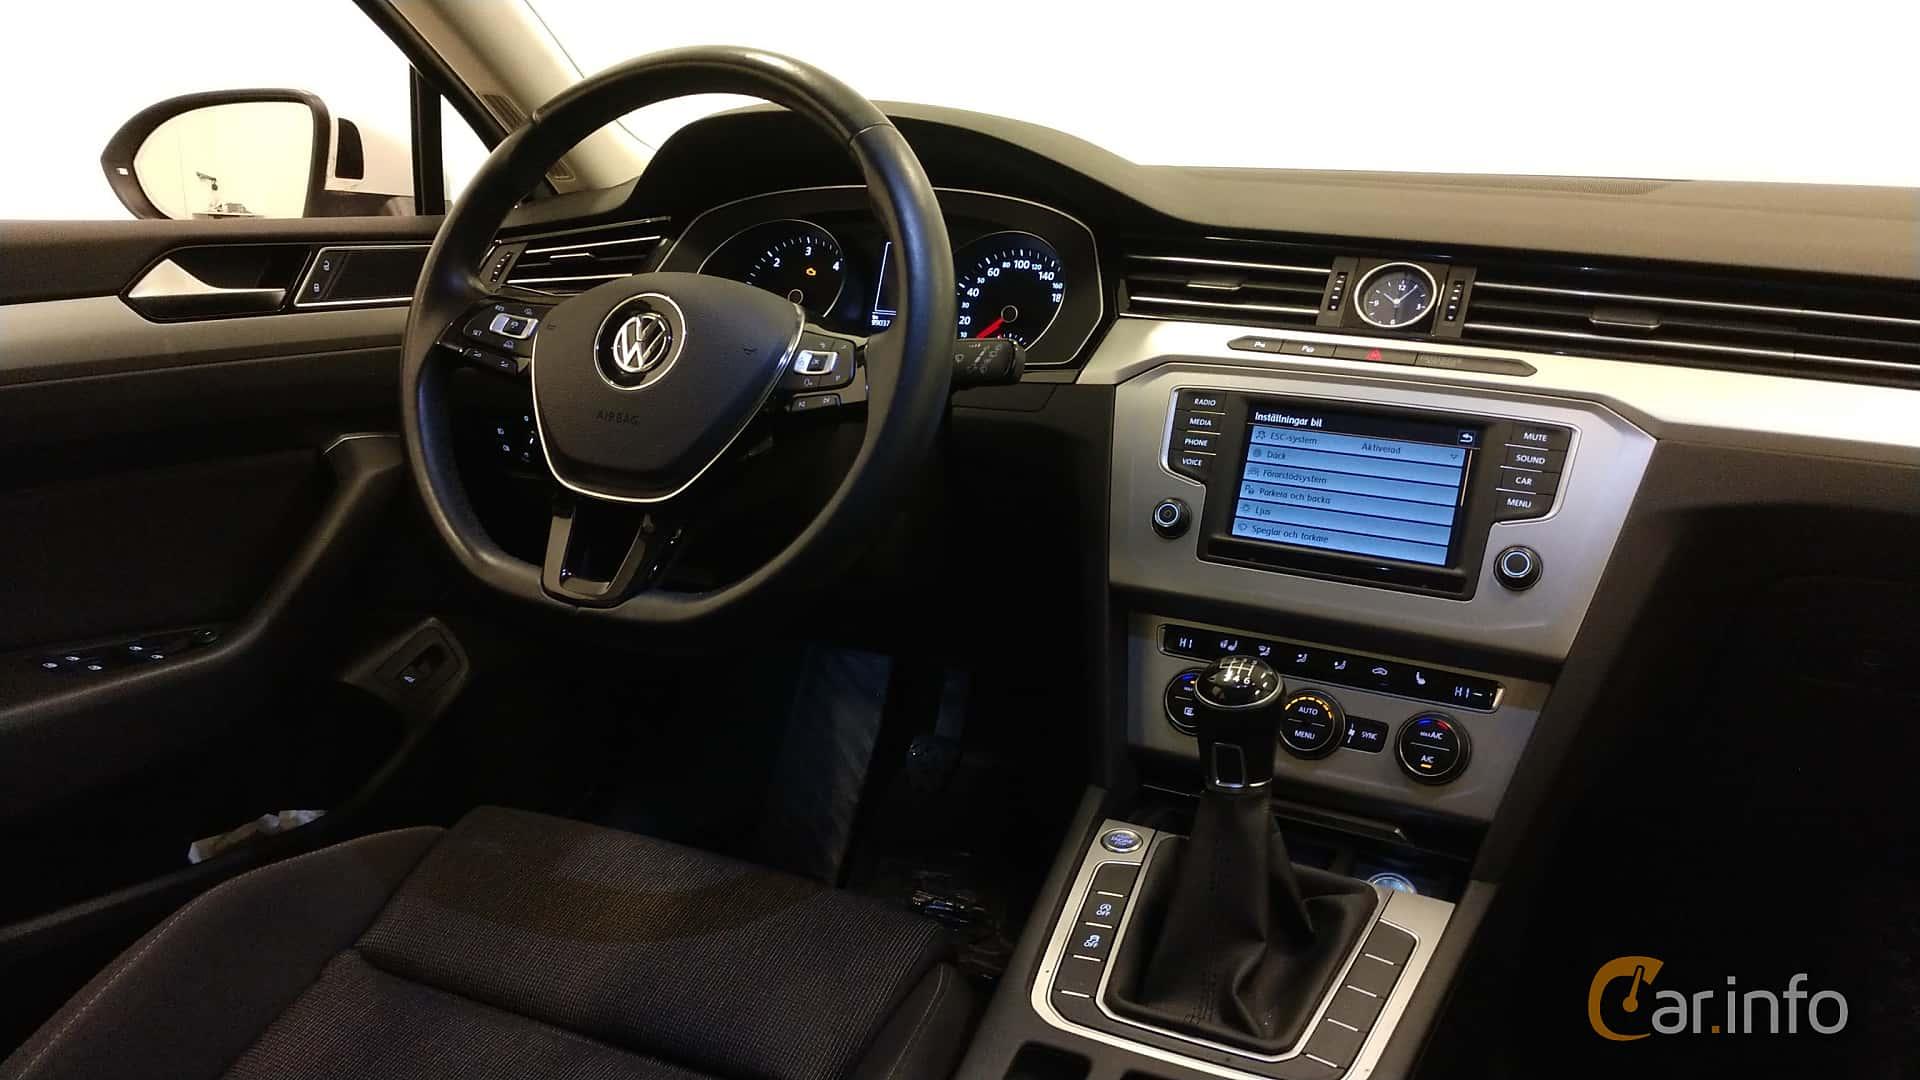 Volkswagen Passat Variant 2.0 TDI BlueMotion 4Motion Manual, 150hp, 2016